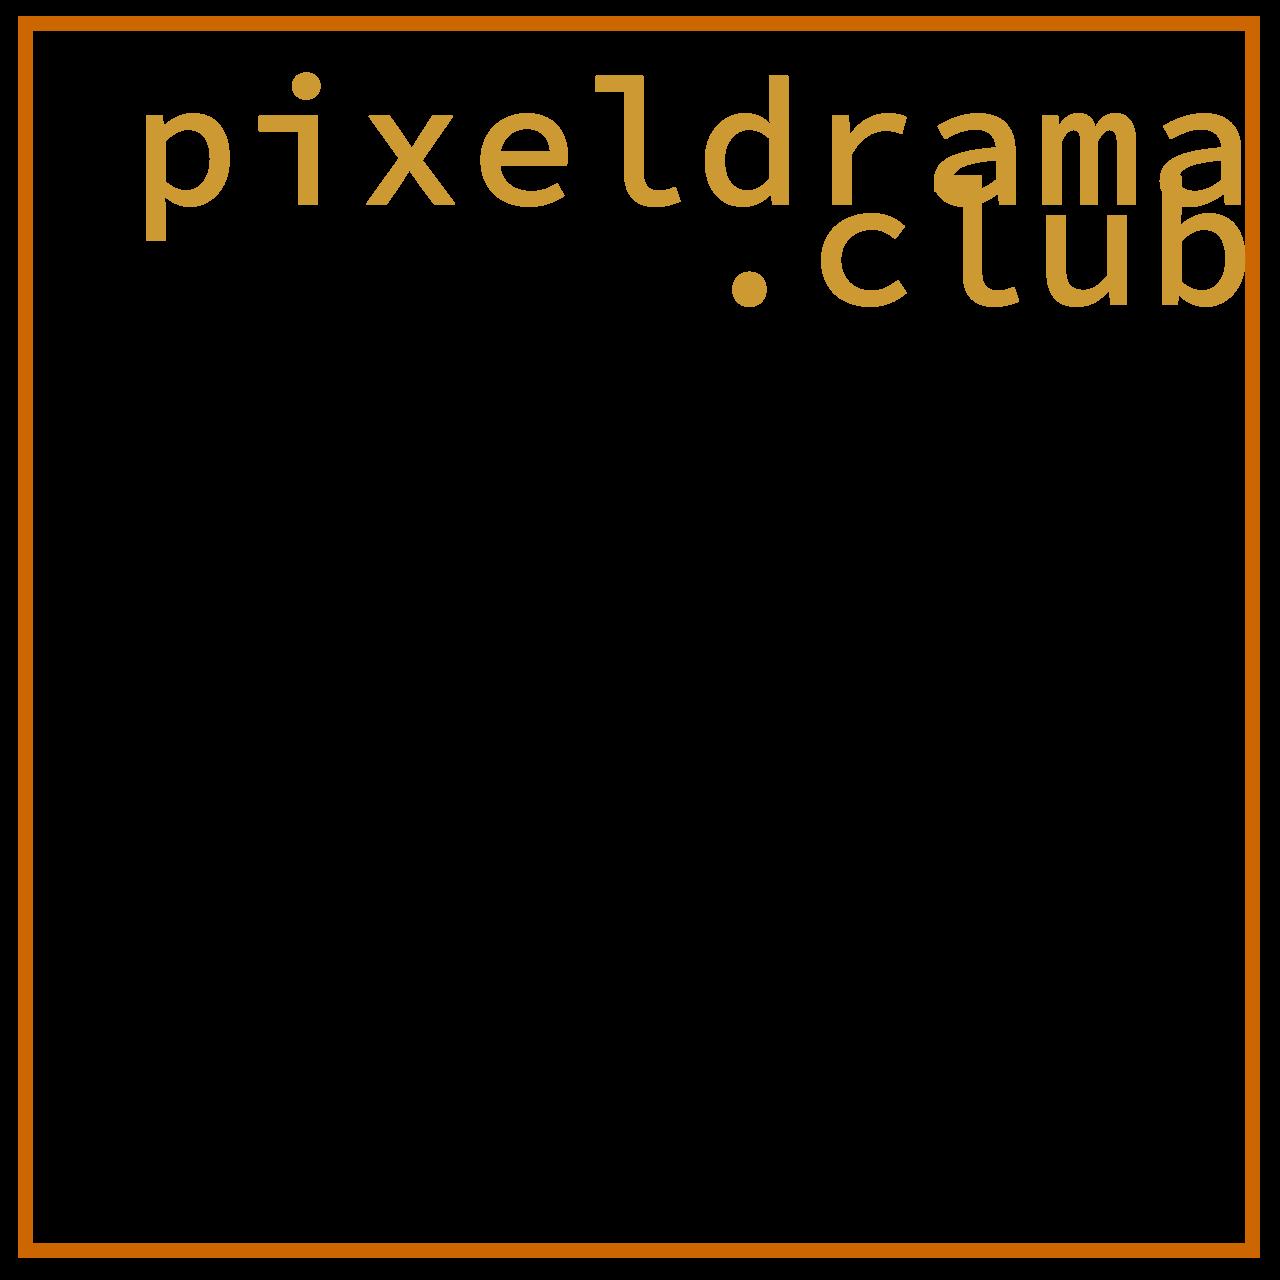 PixelDrama.club